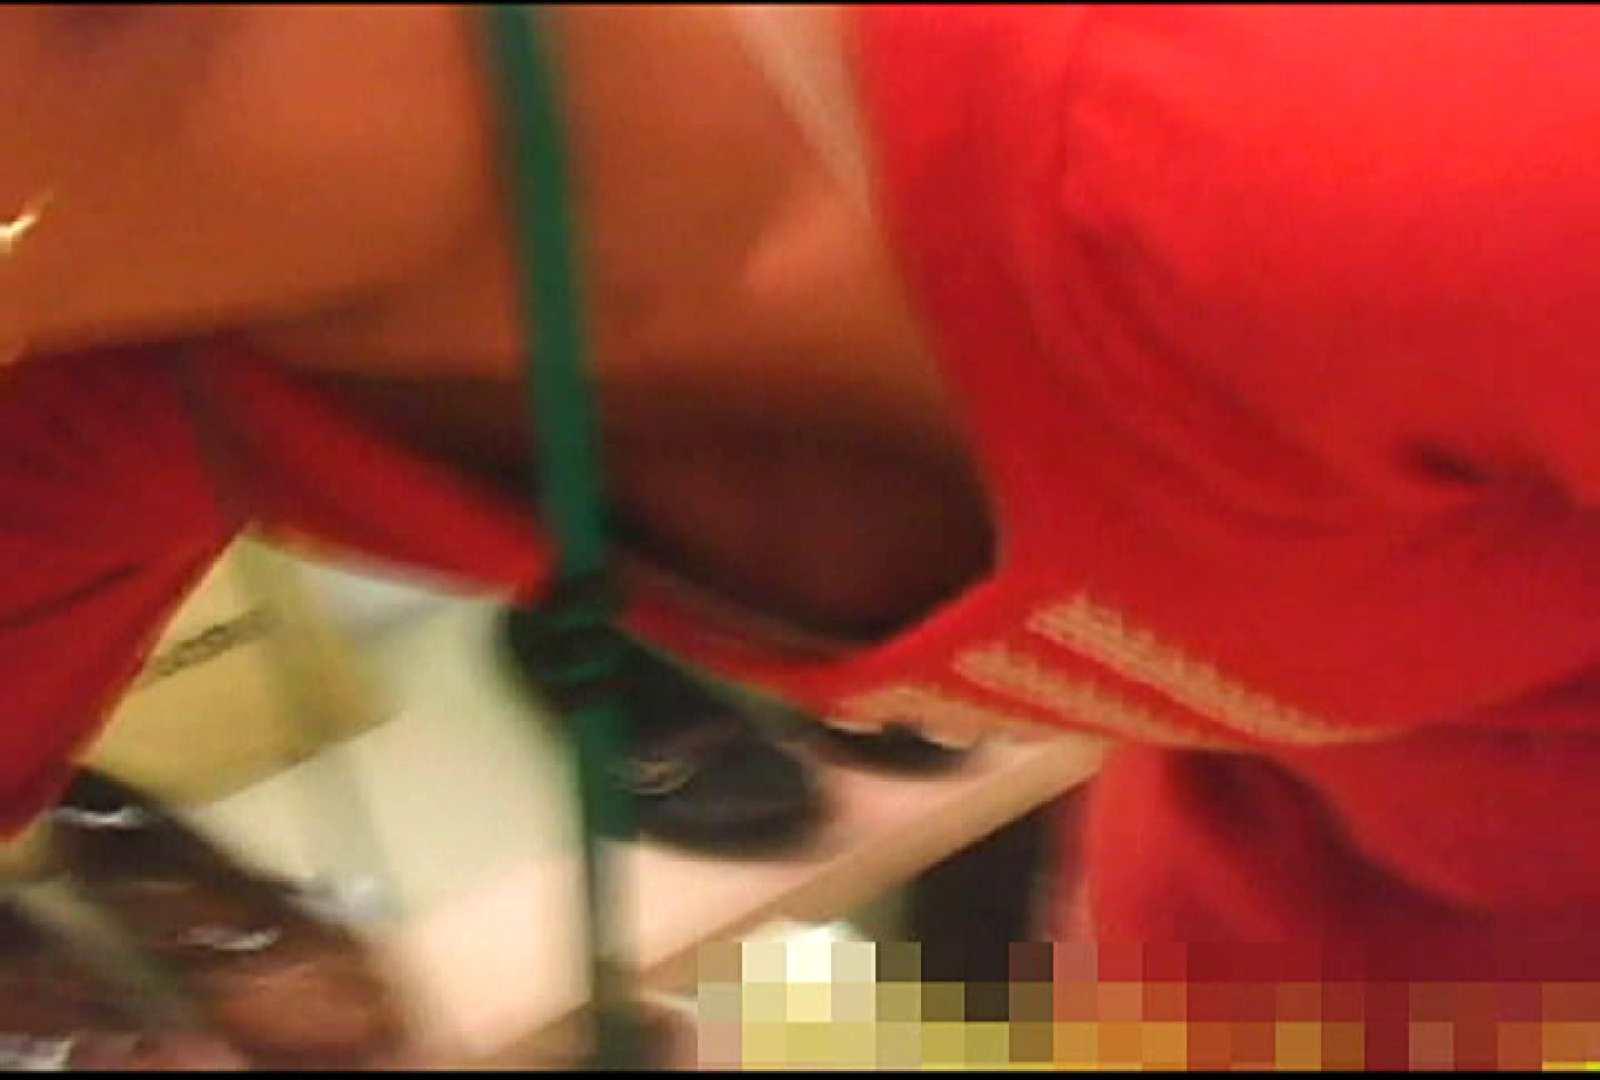 「ノゾキスト」さんの陰撮!!美女サルベージVol.1 覗き セックス画像 89PIX 86